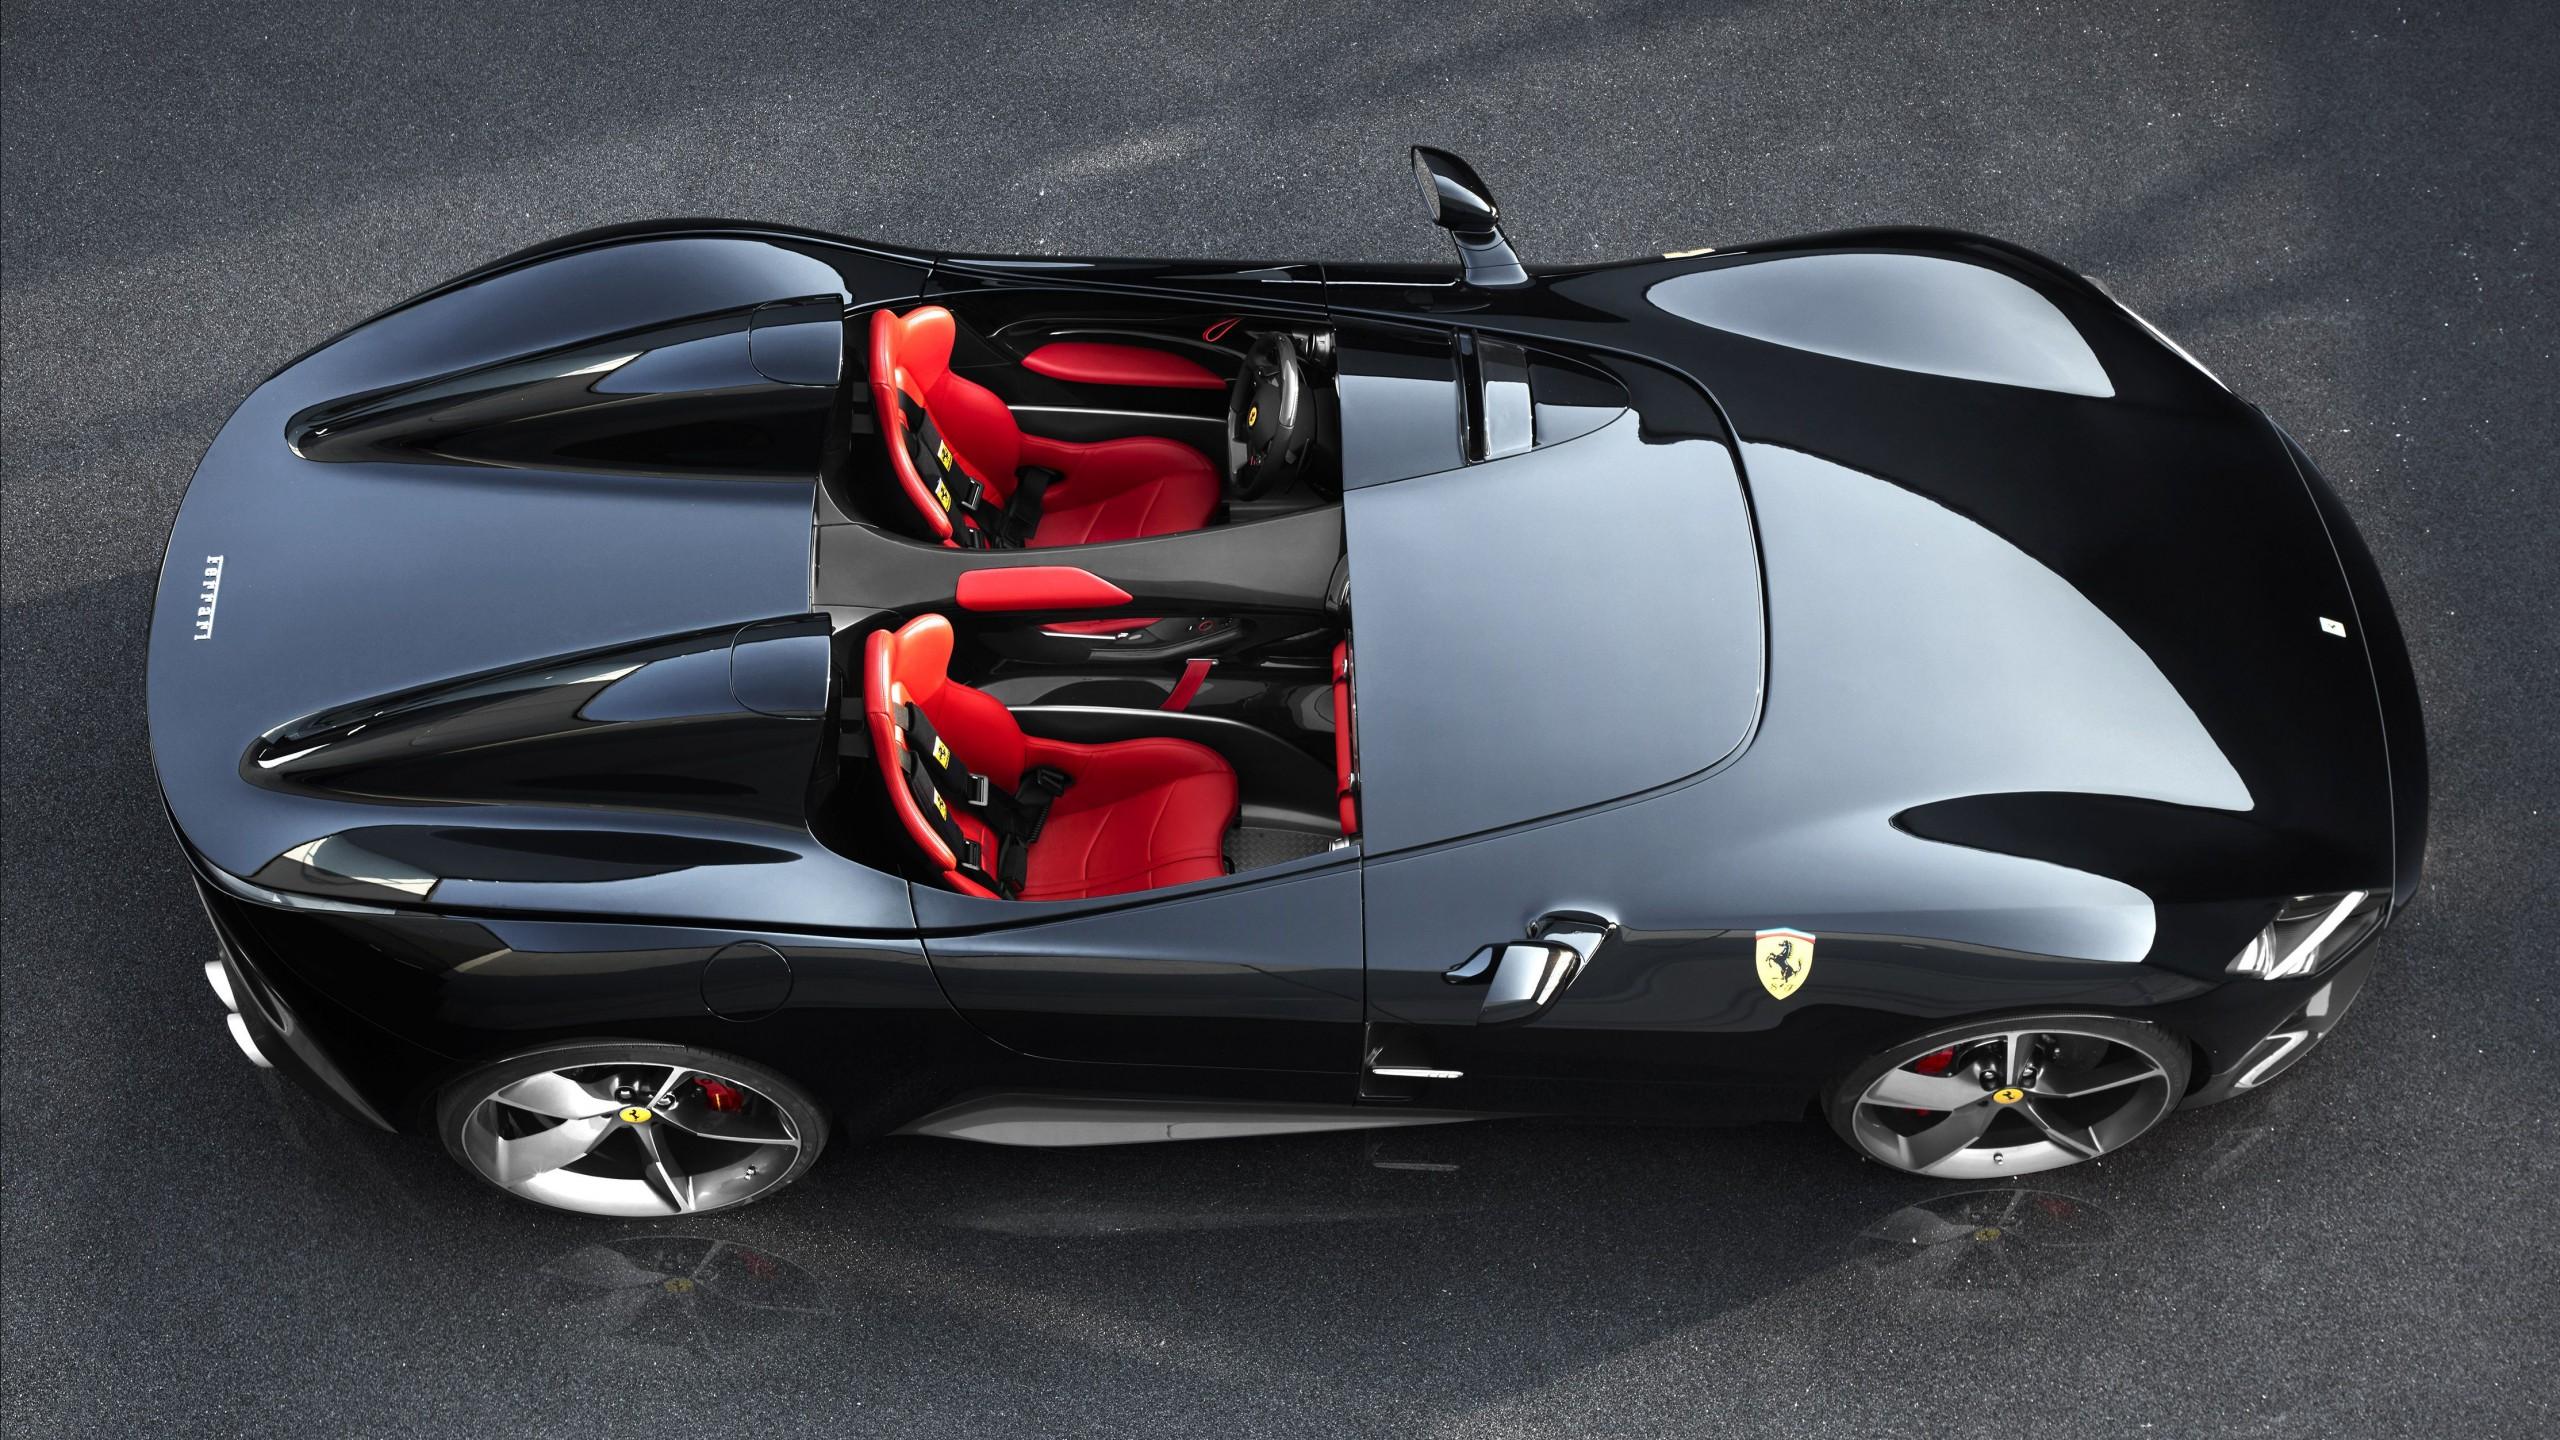 Auto Car Com >> Wallpaper Ferrari Monza SP2, 2019 Cars, supercar, 4K, Cars ...